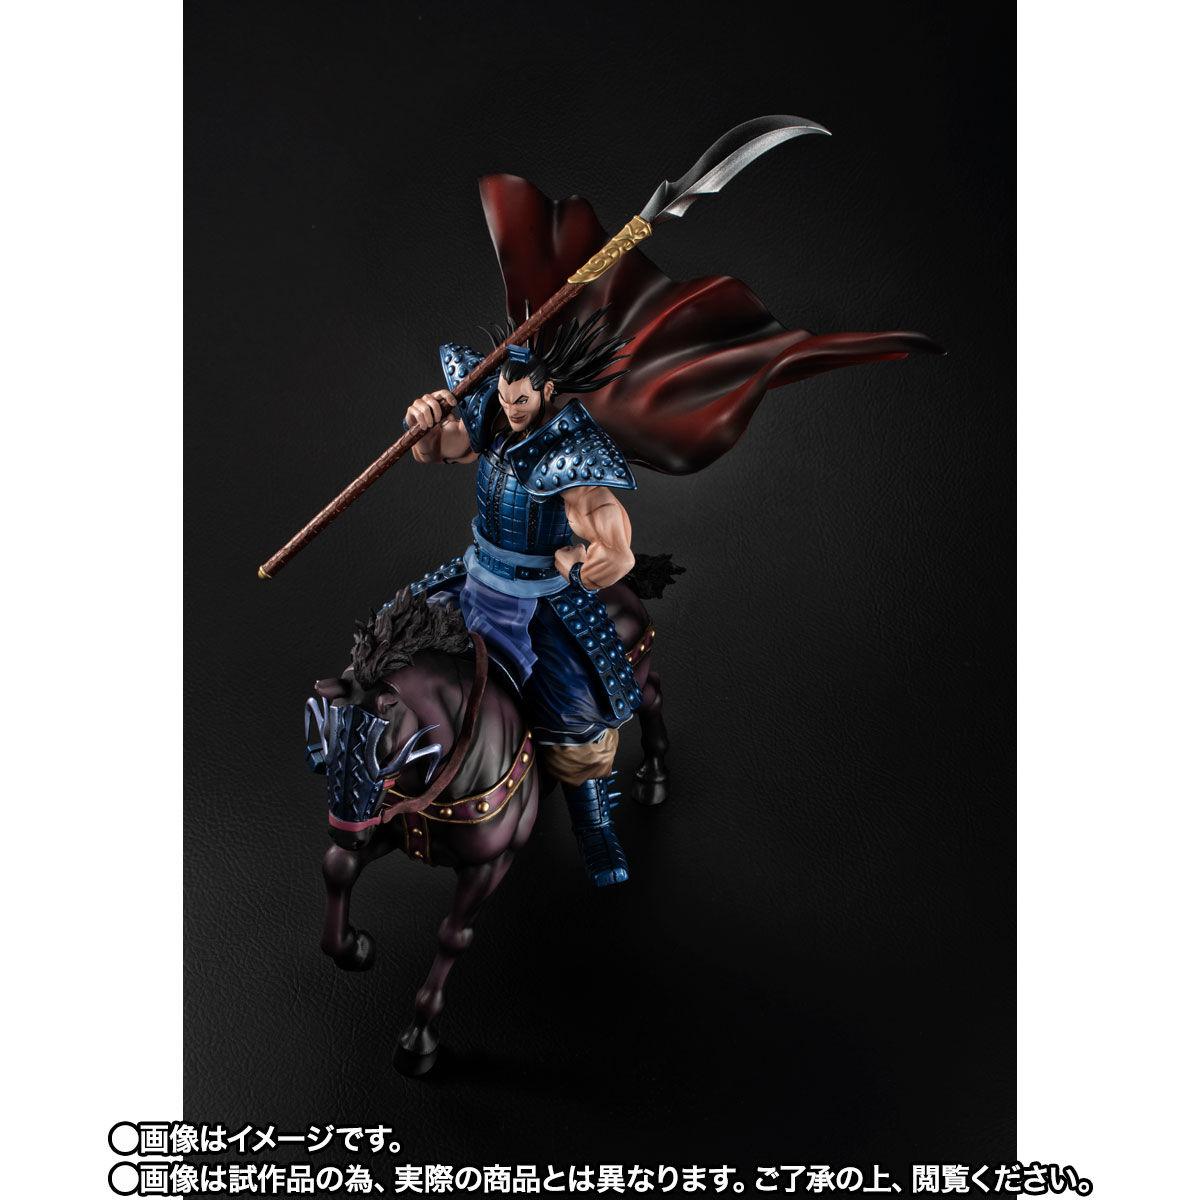 【限定販売】フィギュアーツZERO『王騎 -出陣-』キングダム 完成品フィギュア-004